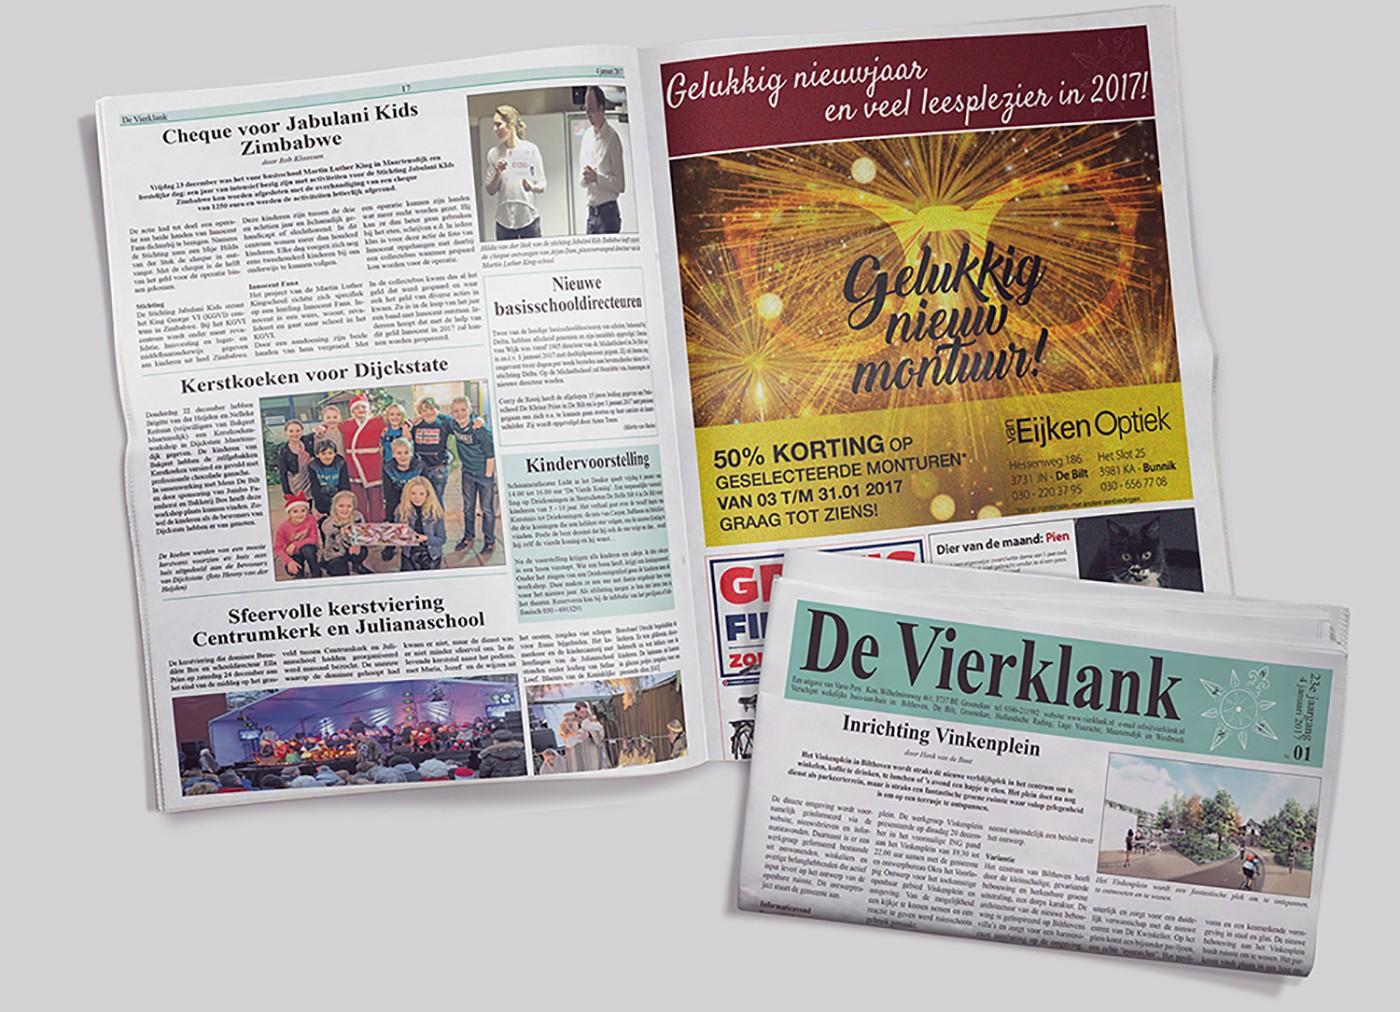 Vierklank_adv_Van_Eijken